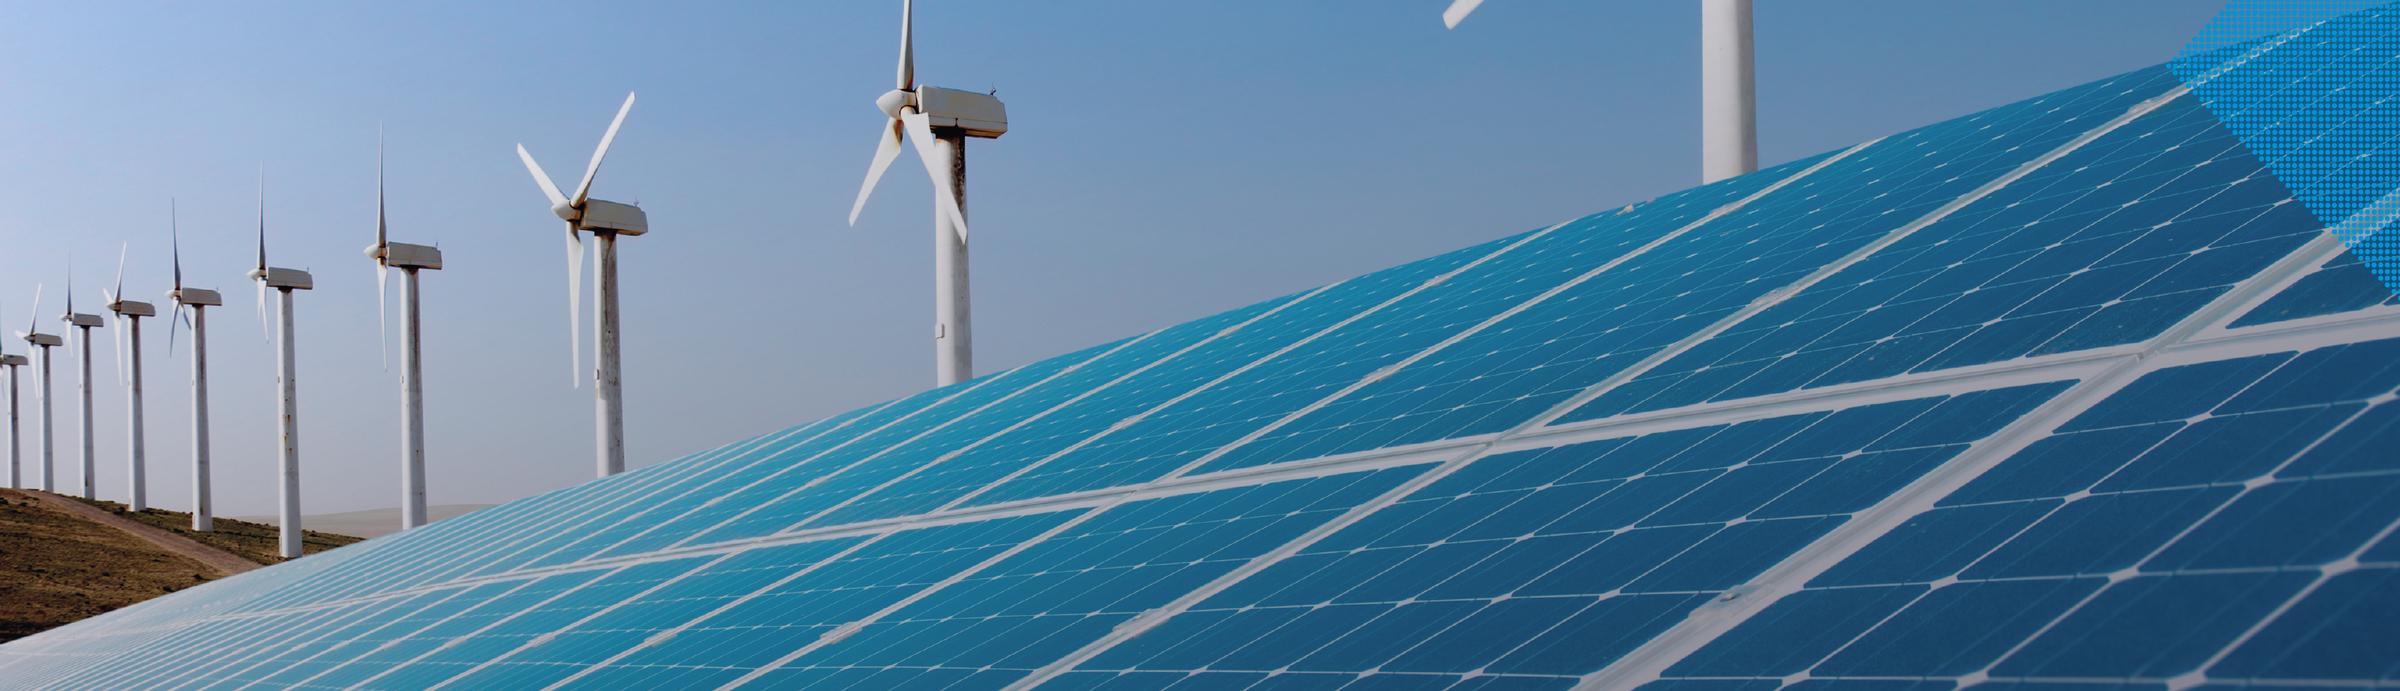 主頁 - 可再生能源